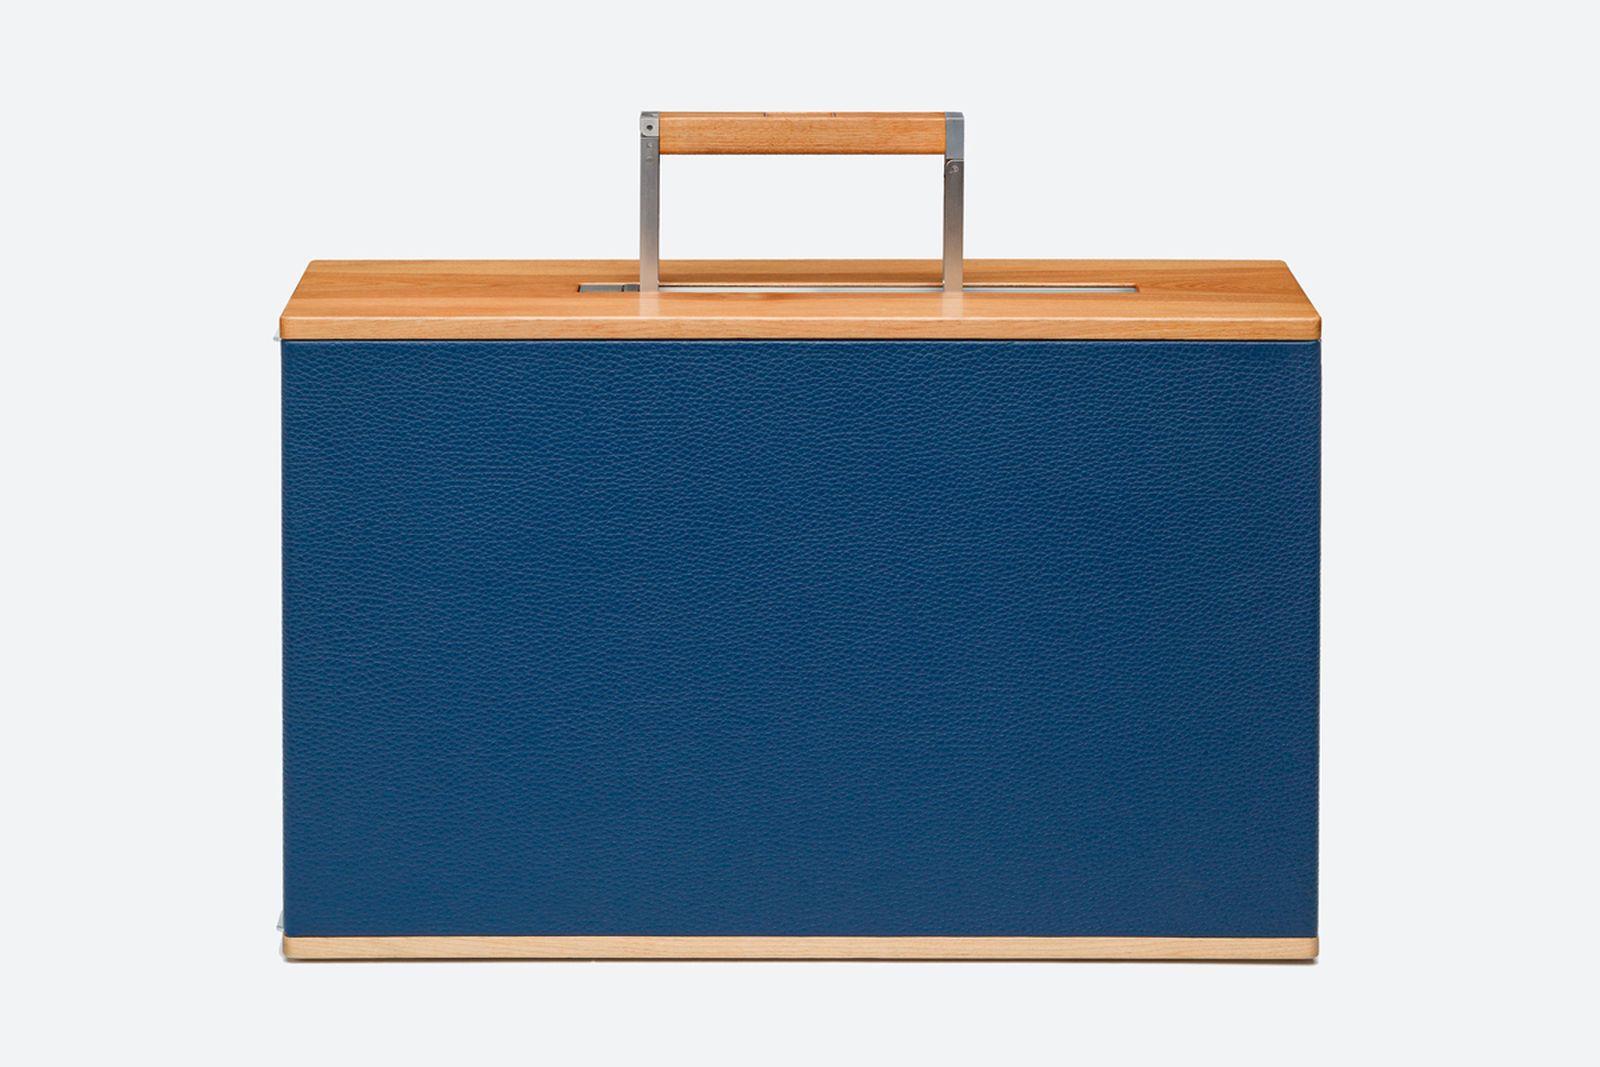 charles simon luggage